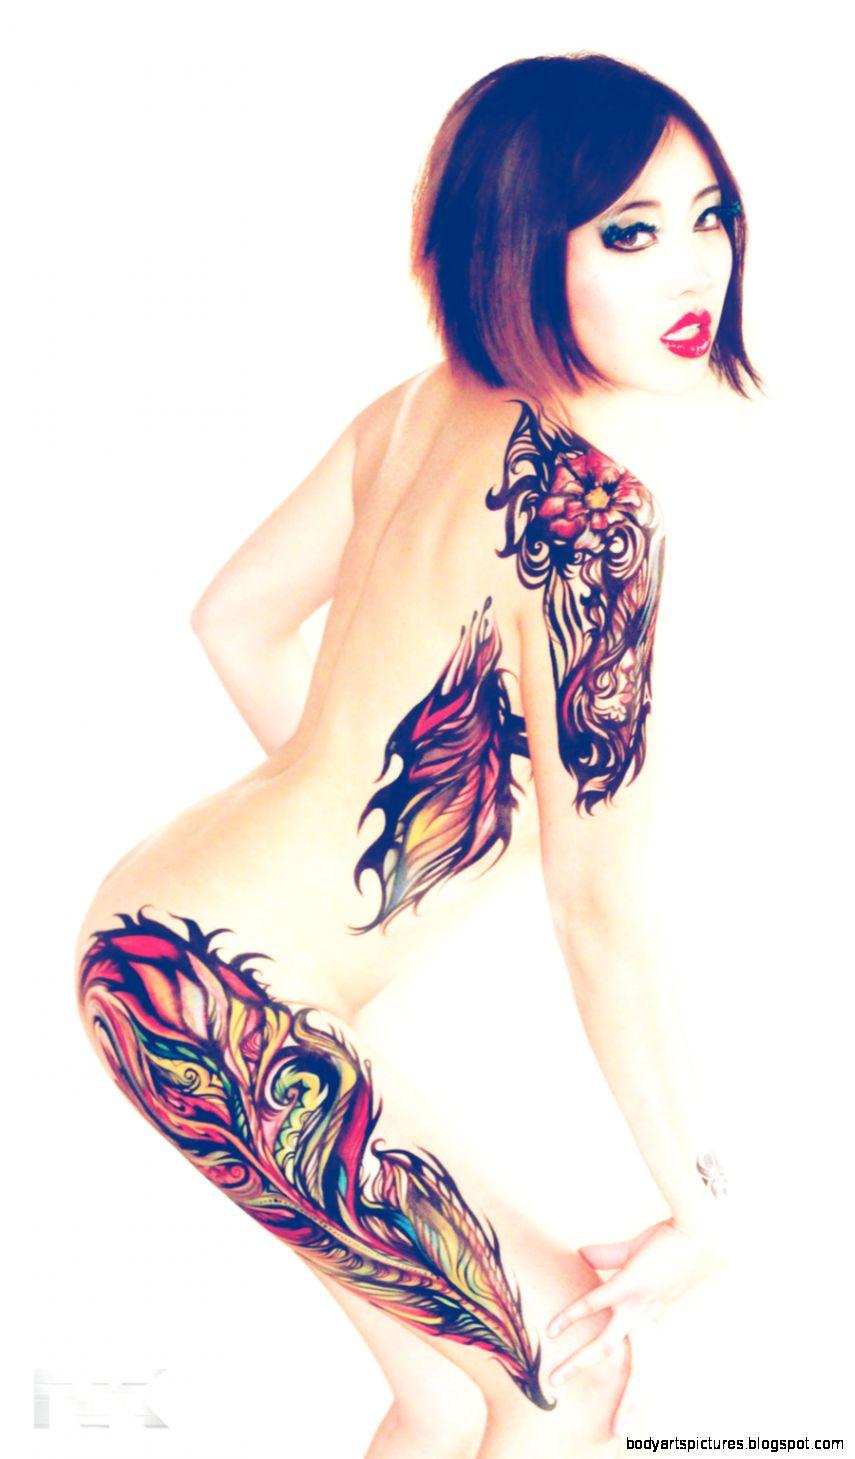 Body Painted Tattoo Design by NatashaKudashkina on DeviantArt